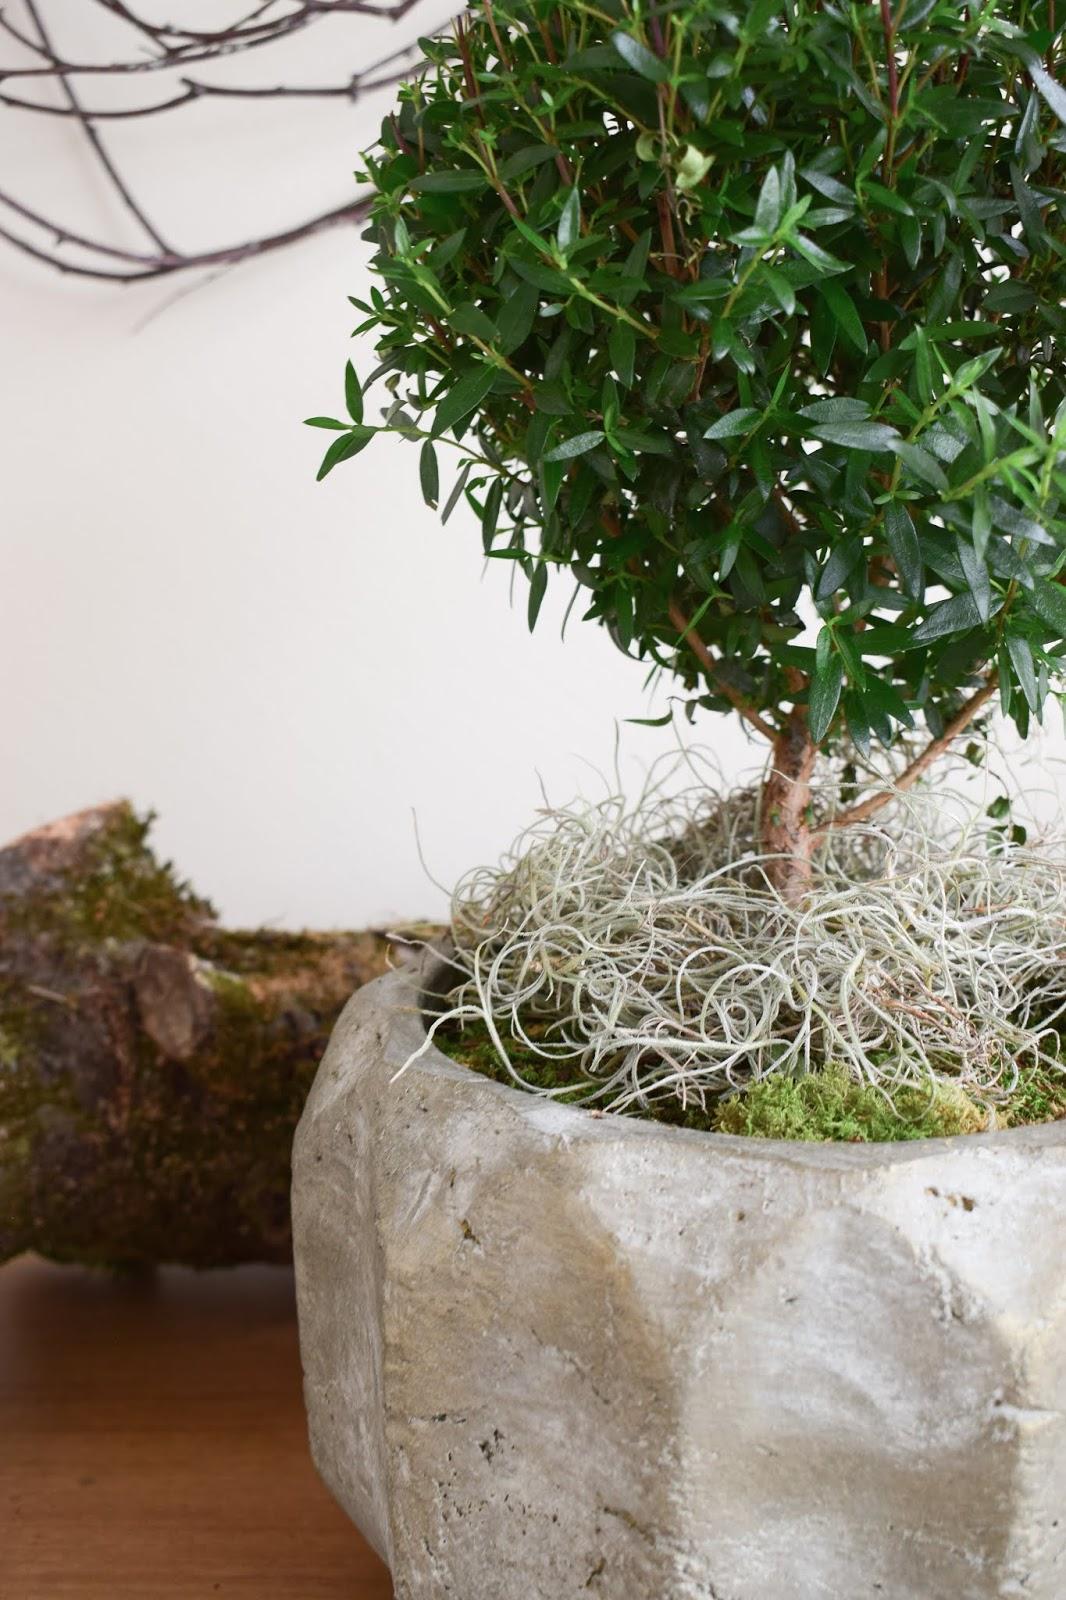 Naturdeko mit Topfpflanze: Verschönerung Übertopf Zimmerpflanze mit Moos Eukalyptus Schleierkraut. Myrte Dekoidee Deko Dekoration Übertopf natürlich dekorieren einfach selbermachen Tilandsien Dschungelmoos